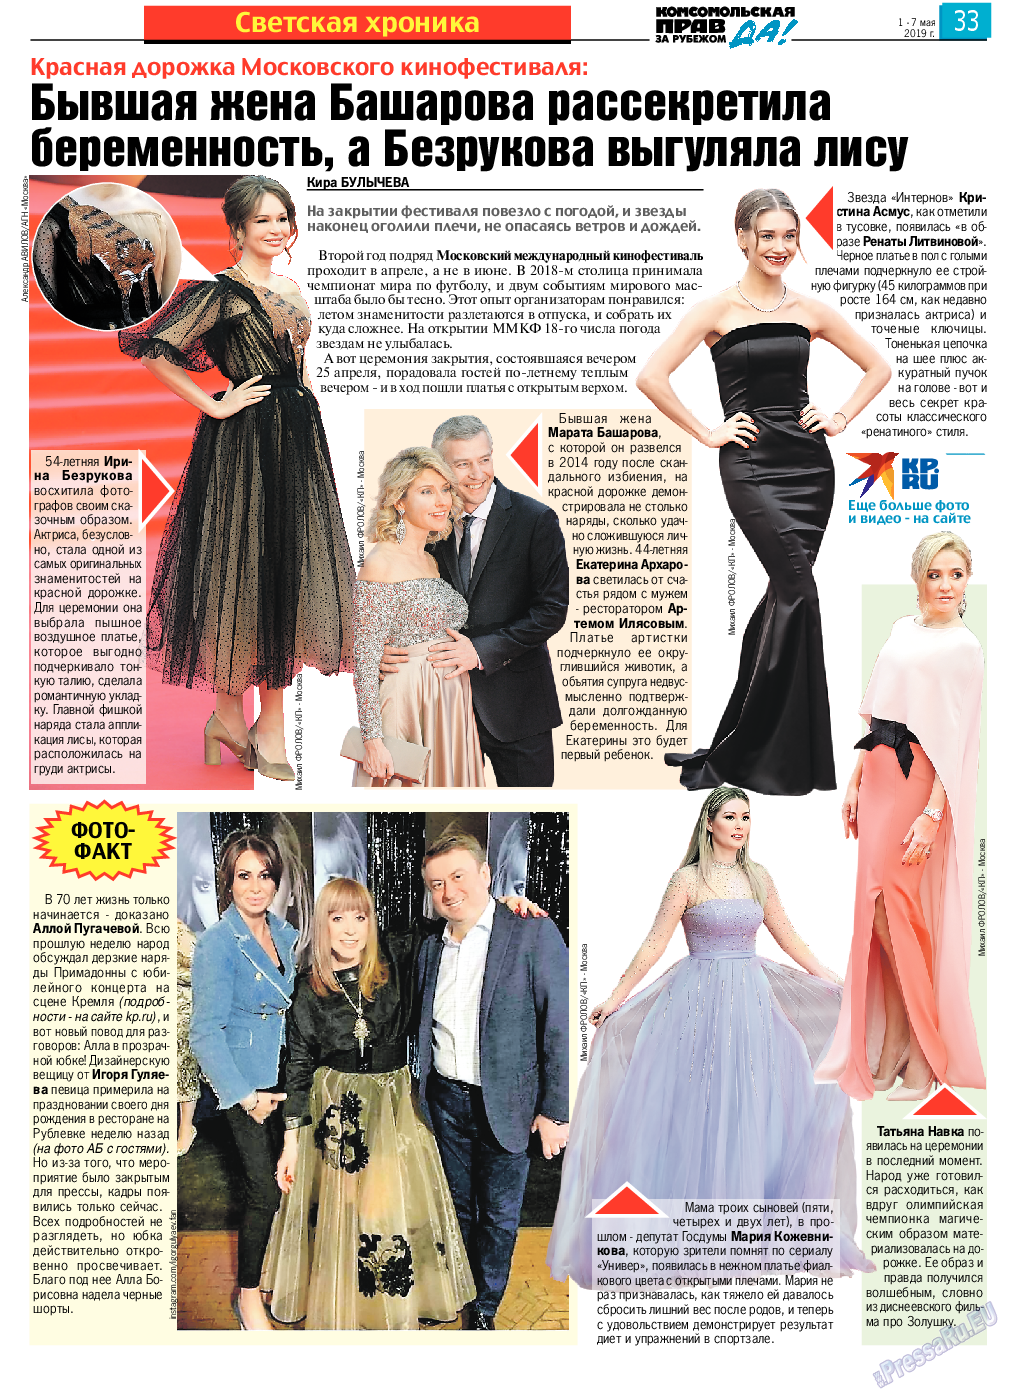 КП в Европе (газета). 2019 год, номер 18, стр. 33